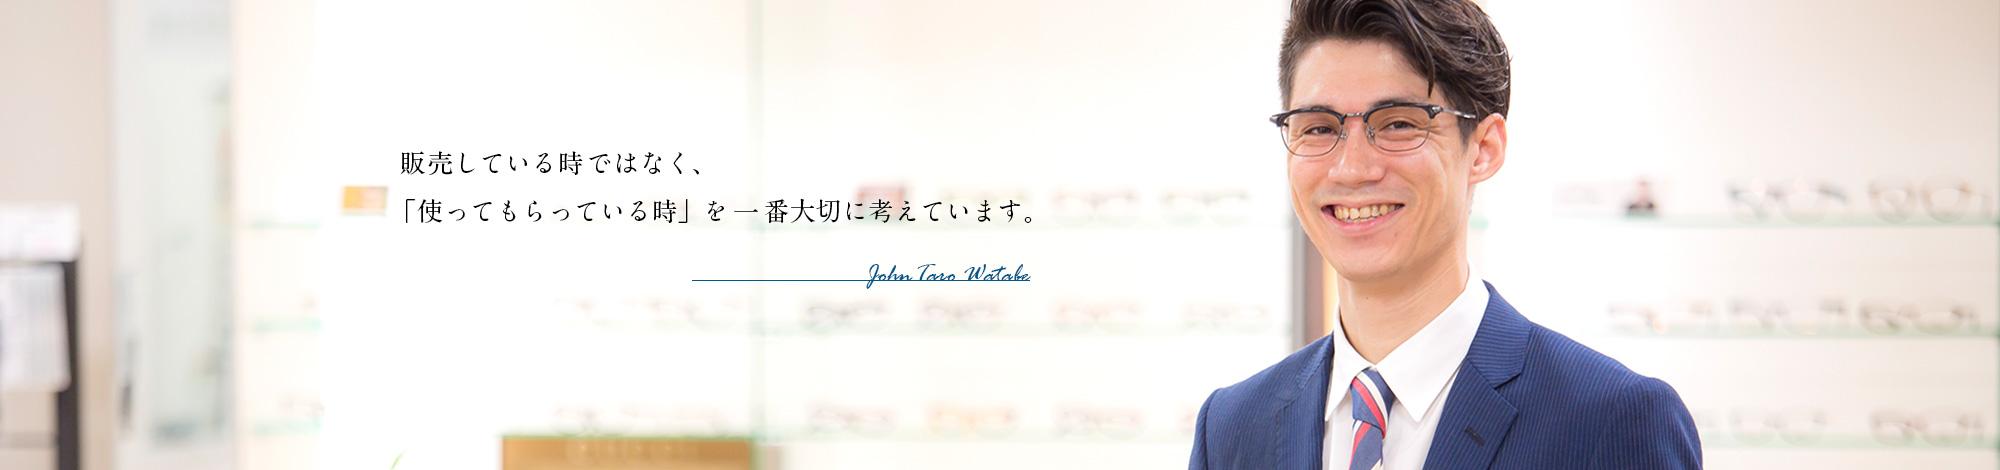 渡部ジョン太郎